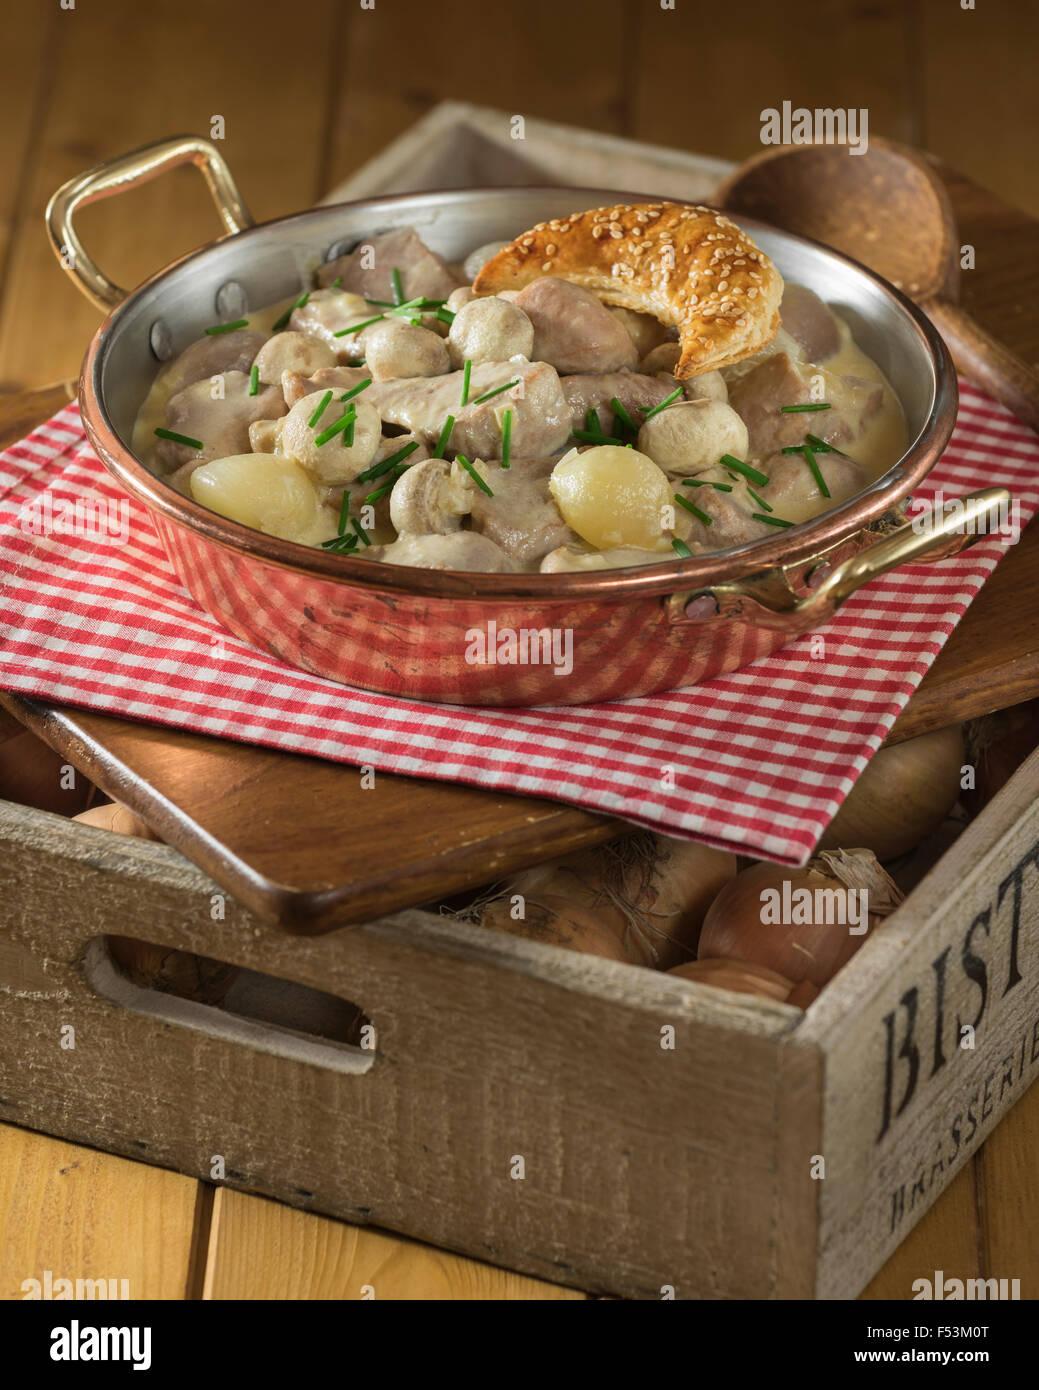 Blanquette De Veau Veal Stew Stock Photos Blanquette De Veau Veal